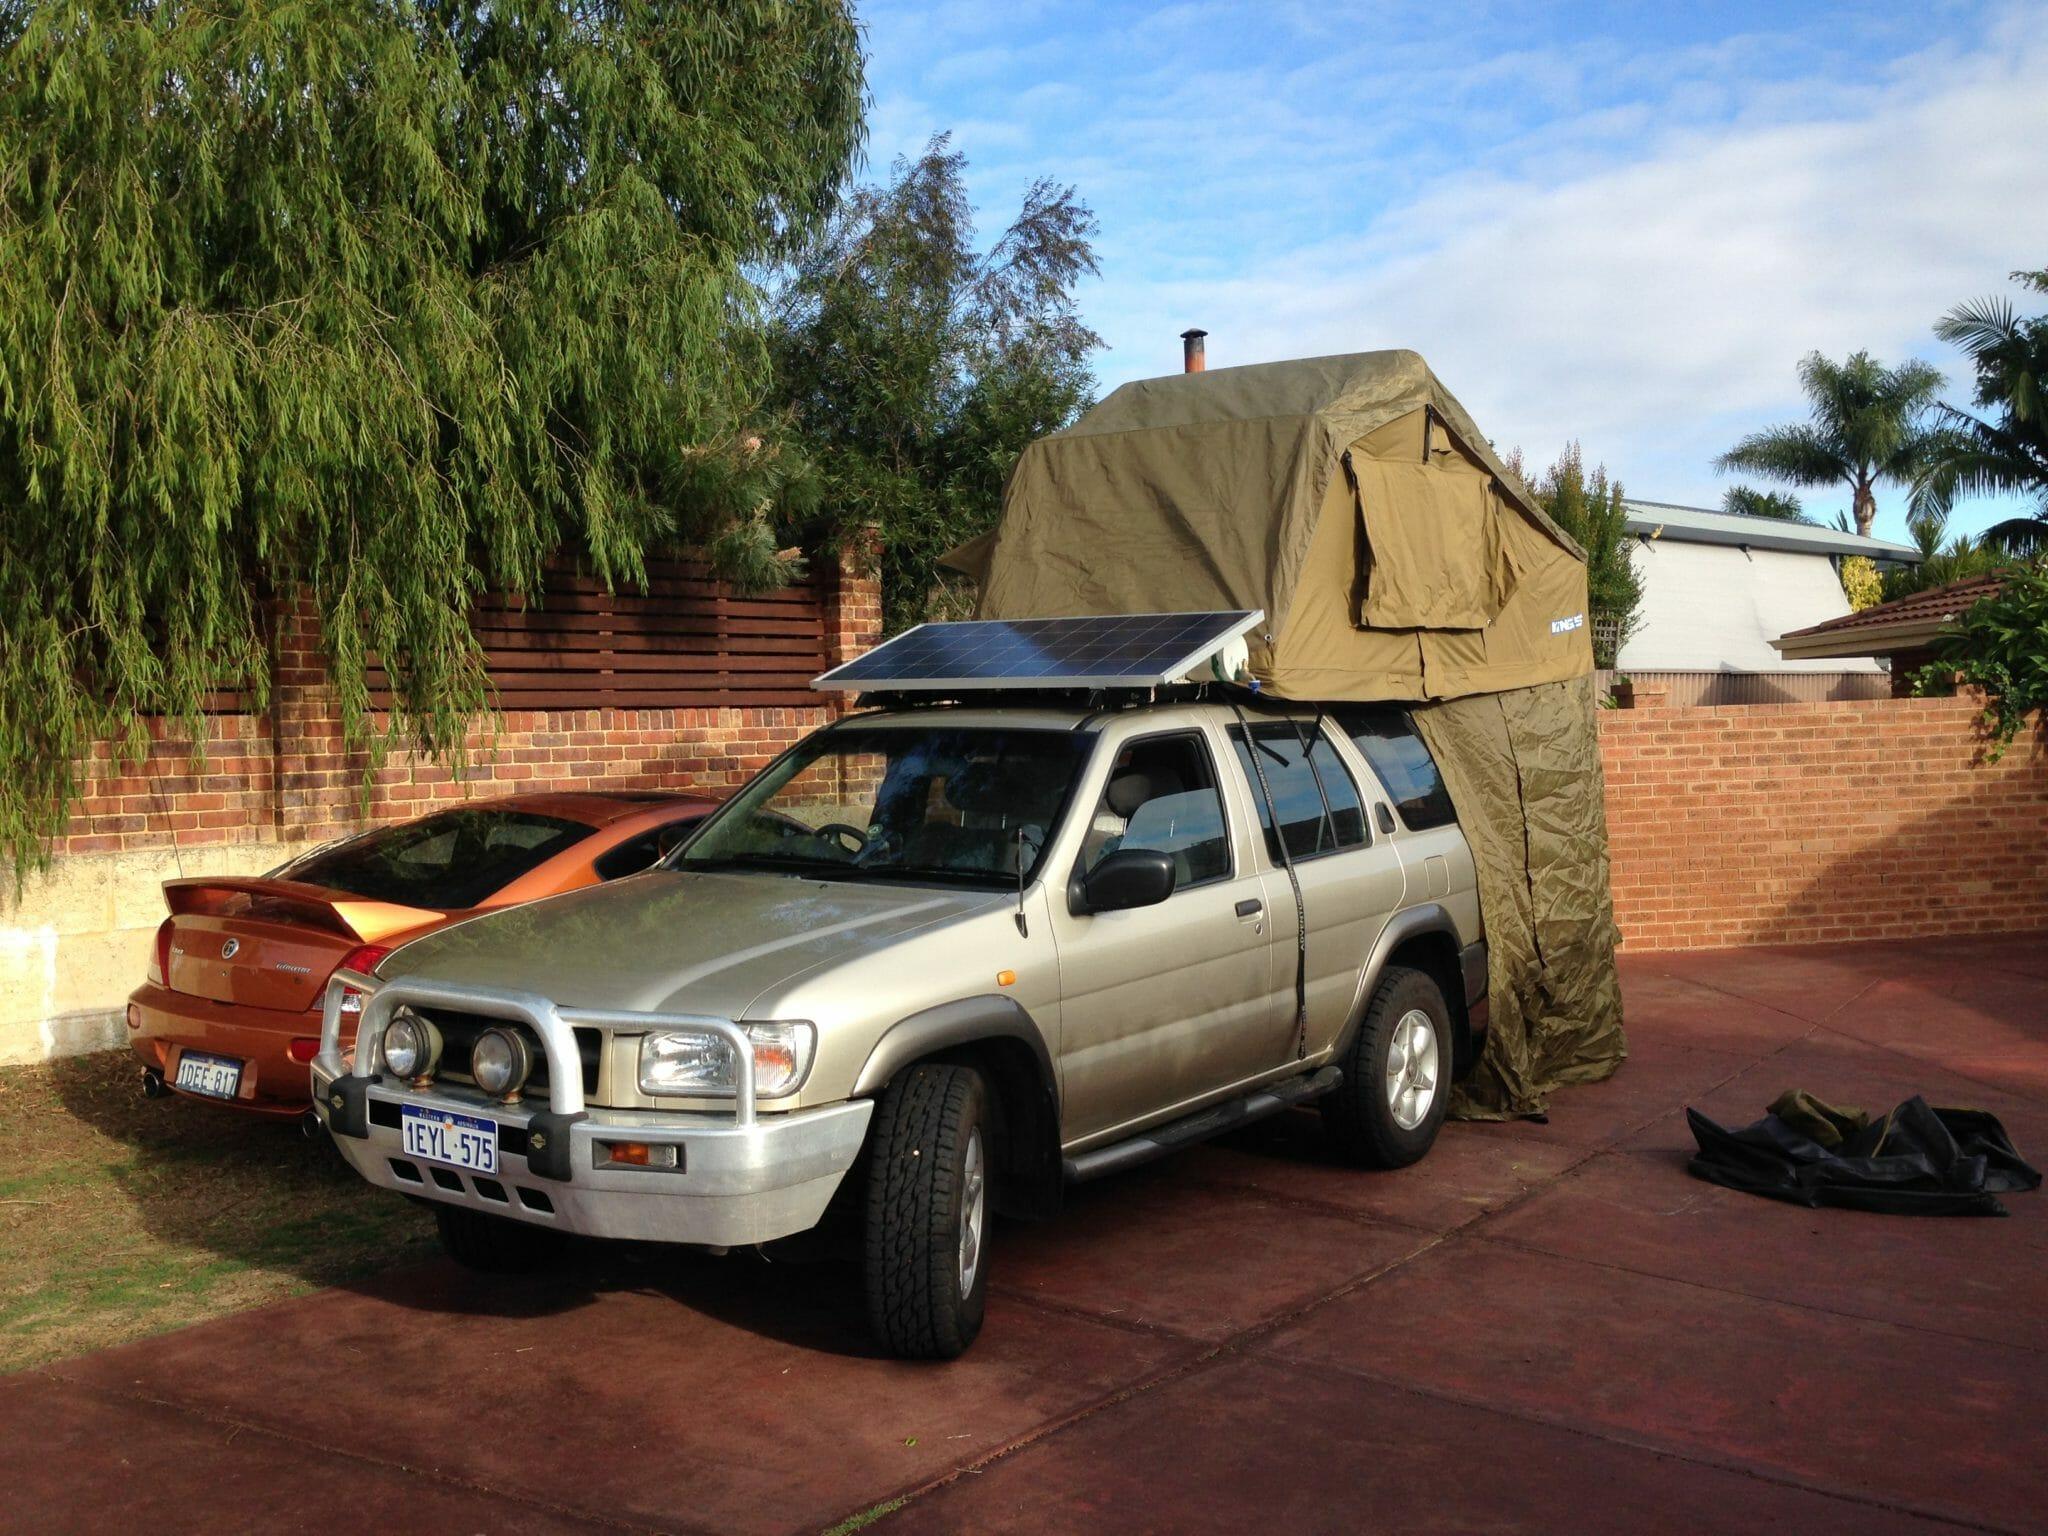 acheter une voiture en australie rooftop